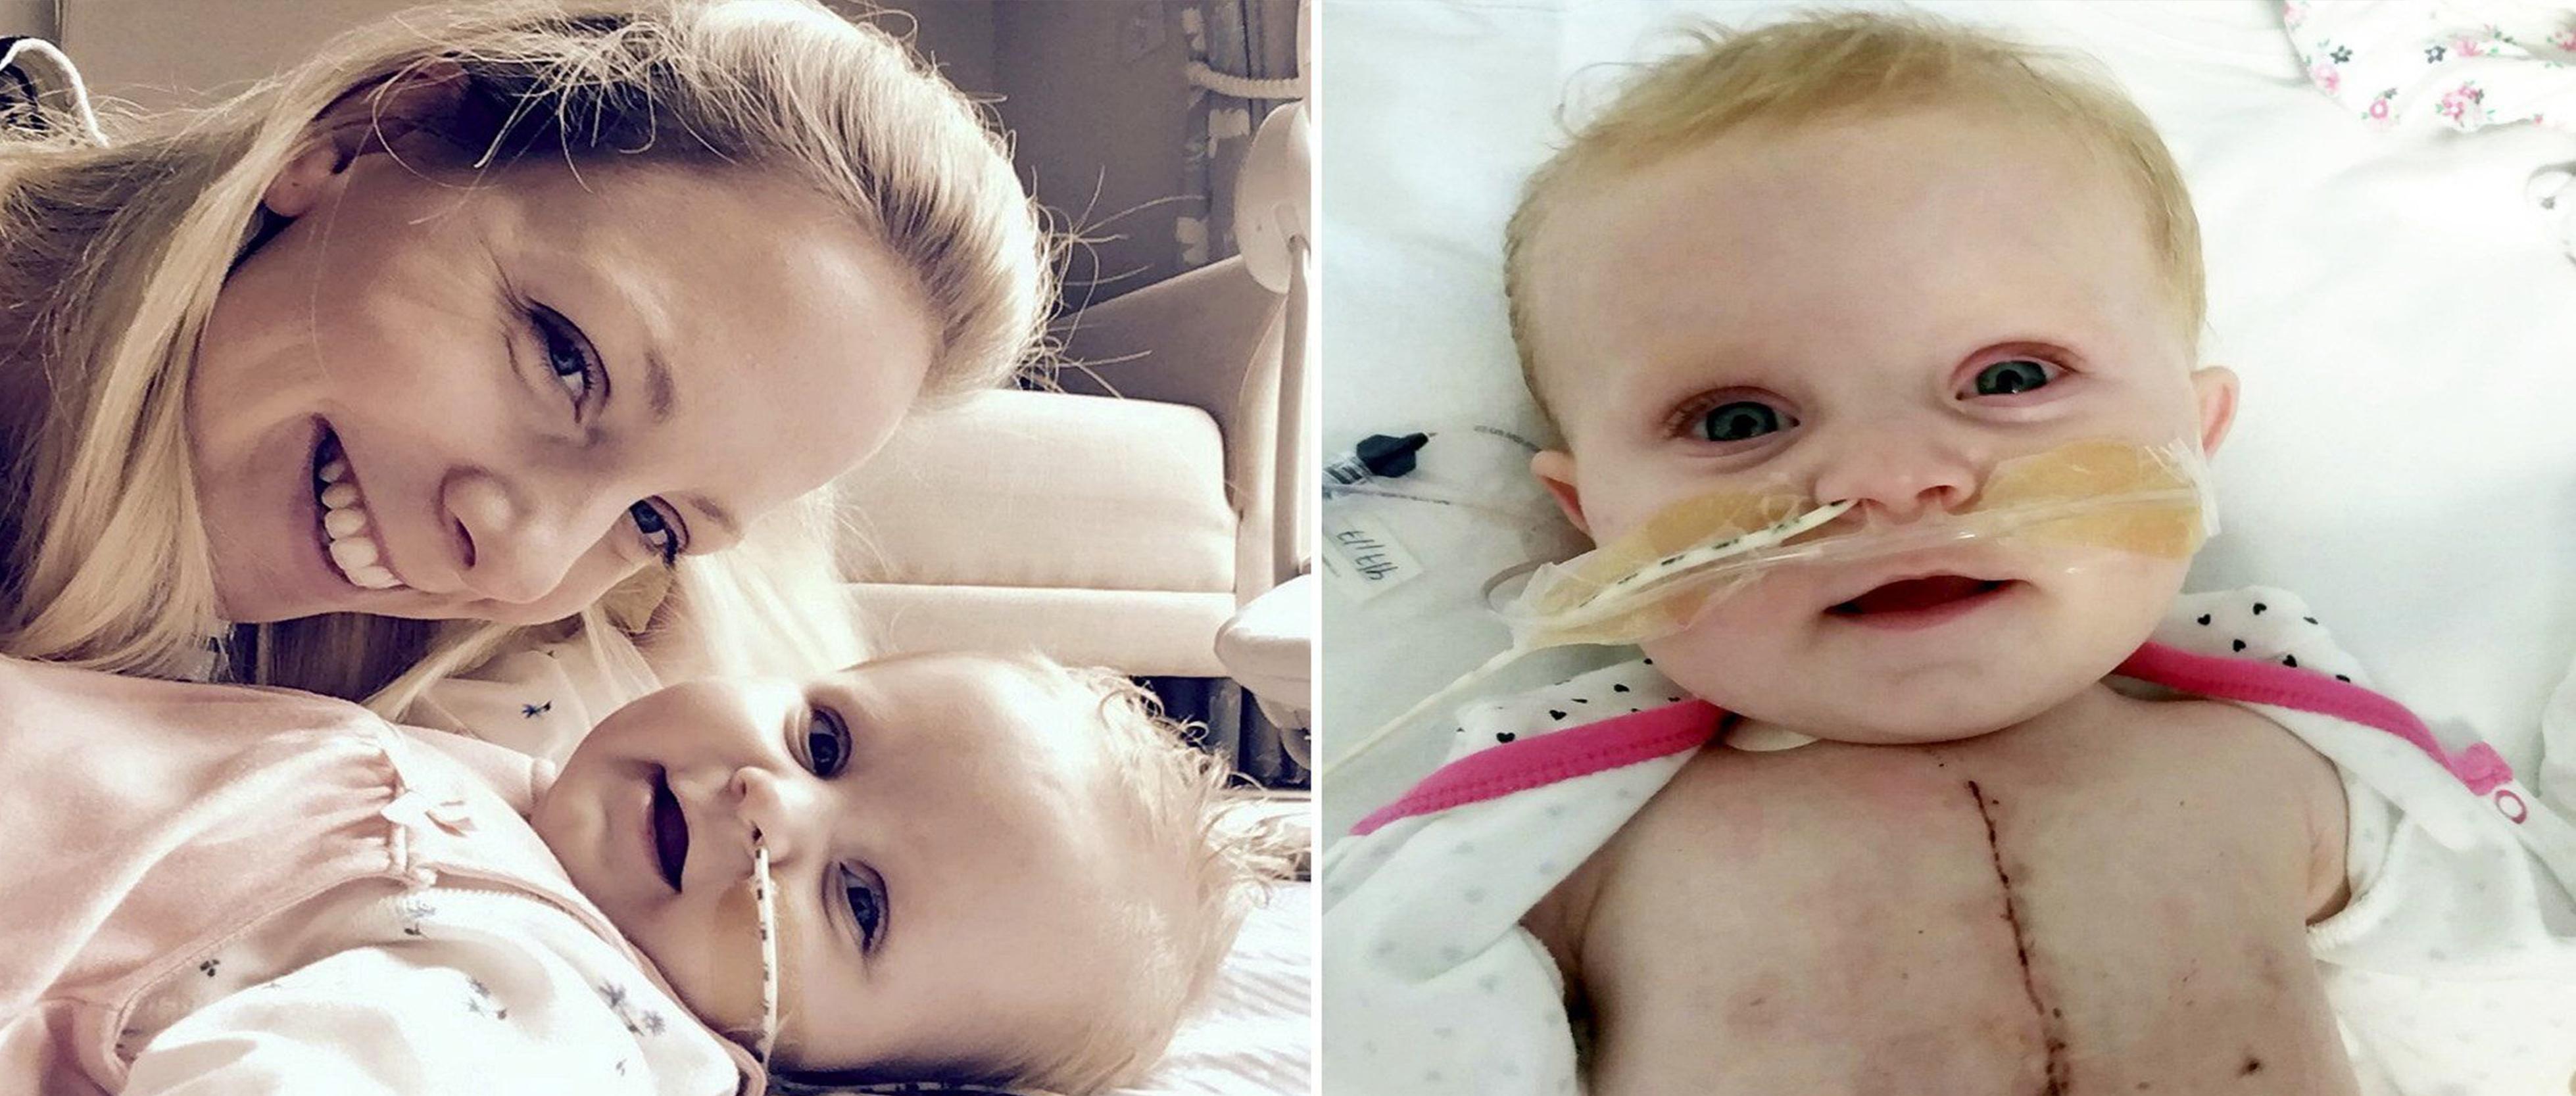 جراح أردني يصنع معجزة جراحية تنقذ طفلة